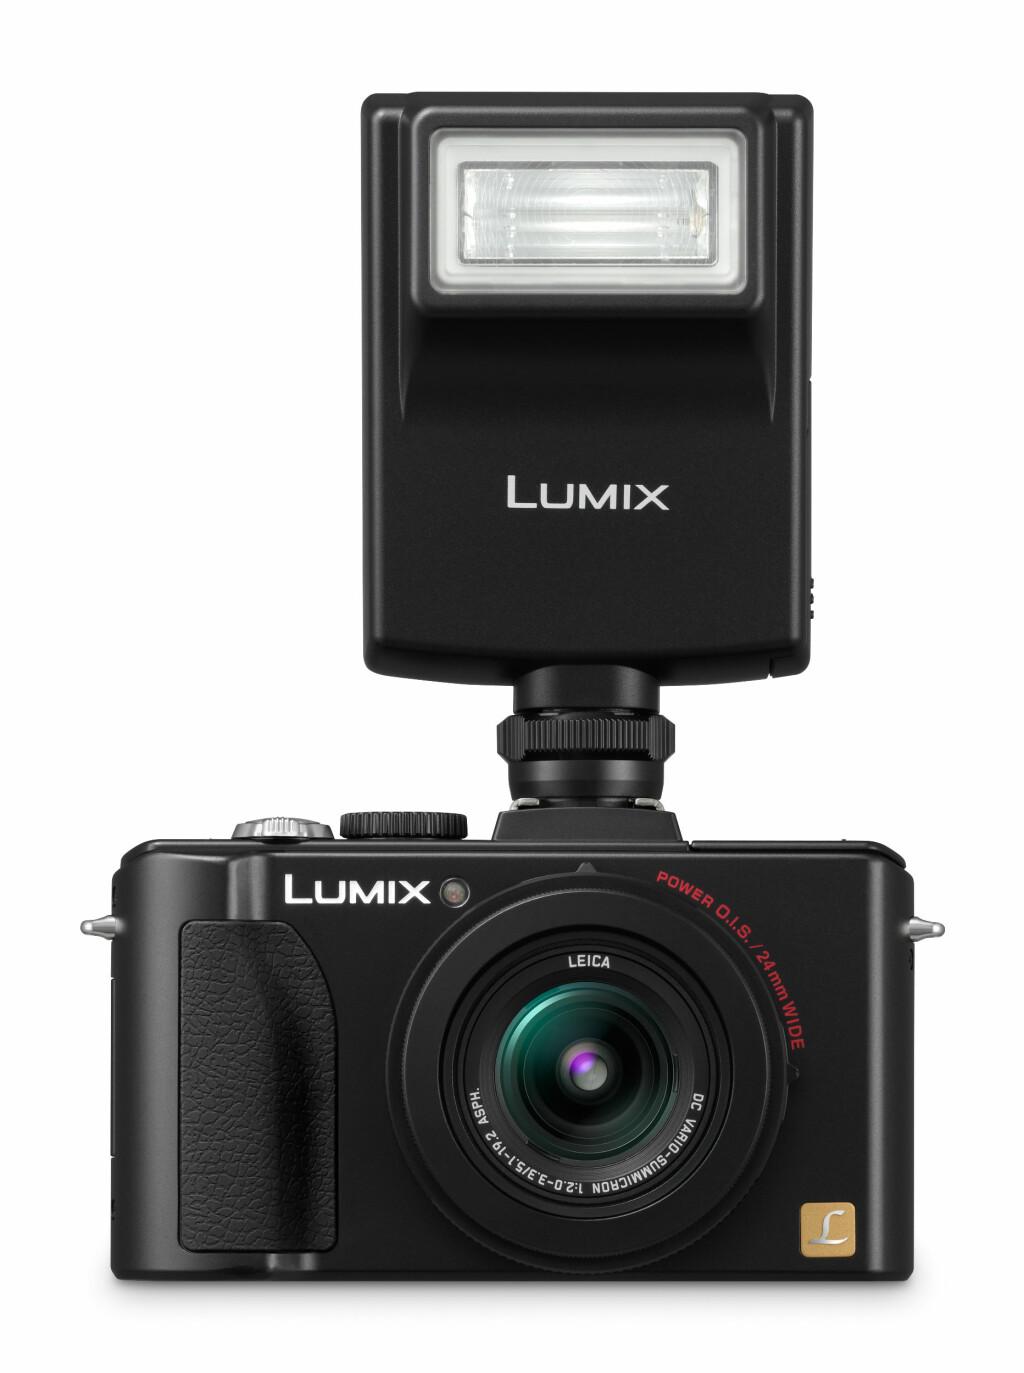 LX5 støtter tilkobling av ekstrautstyr, som blits, UV-filter, optisk/elektronisk søker og vidvinkel-/telekonvertere. Foto: Panasonic